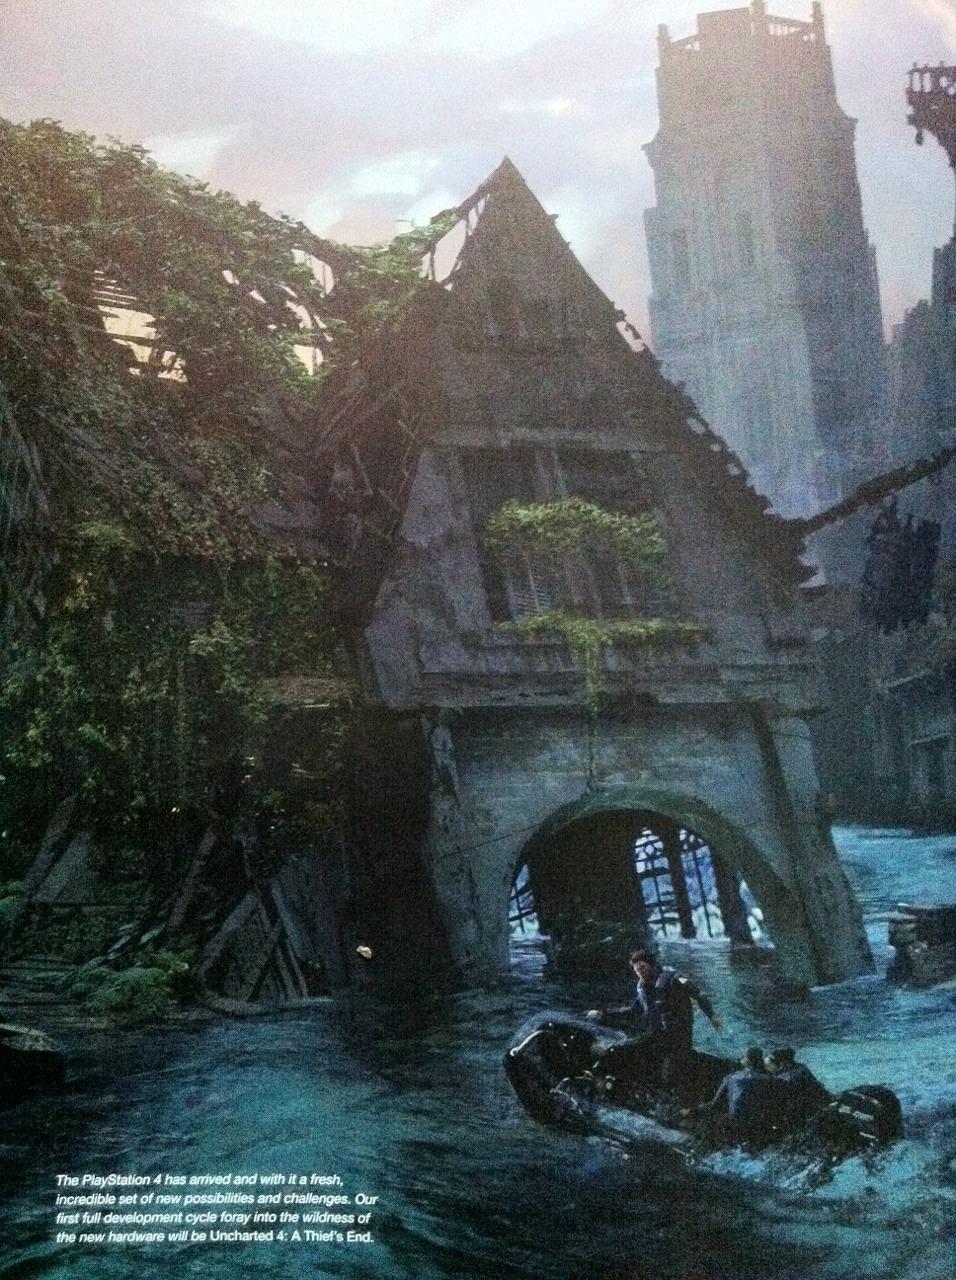 Rozpadající se budovy na artworcích z Uncharted 4 101058